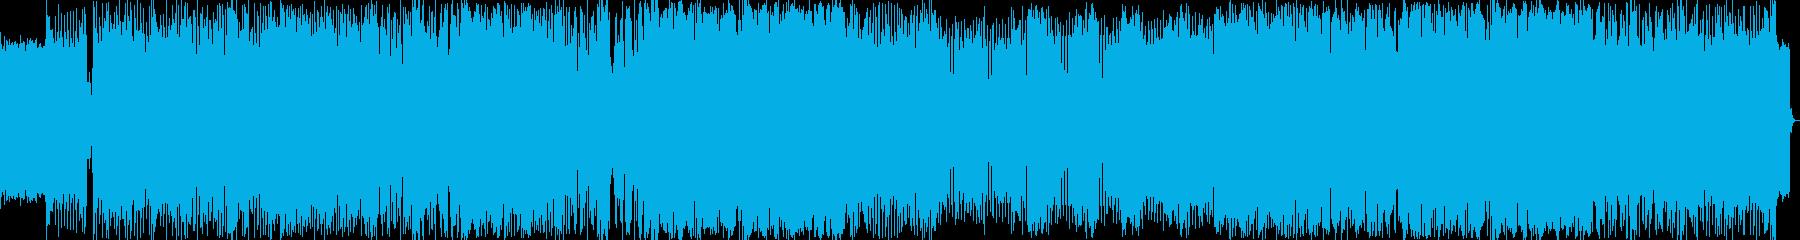 エレクトロハウスをイメージした楽曲です。の再生済みの波形